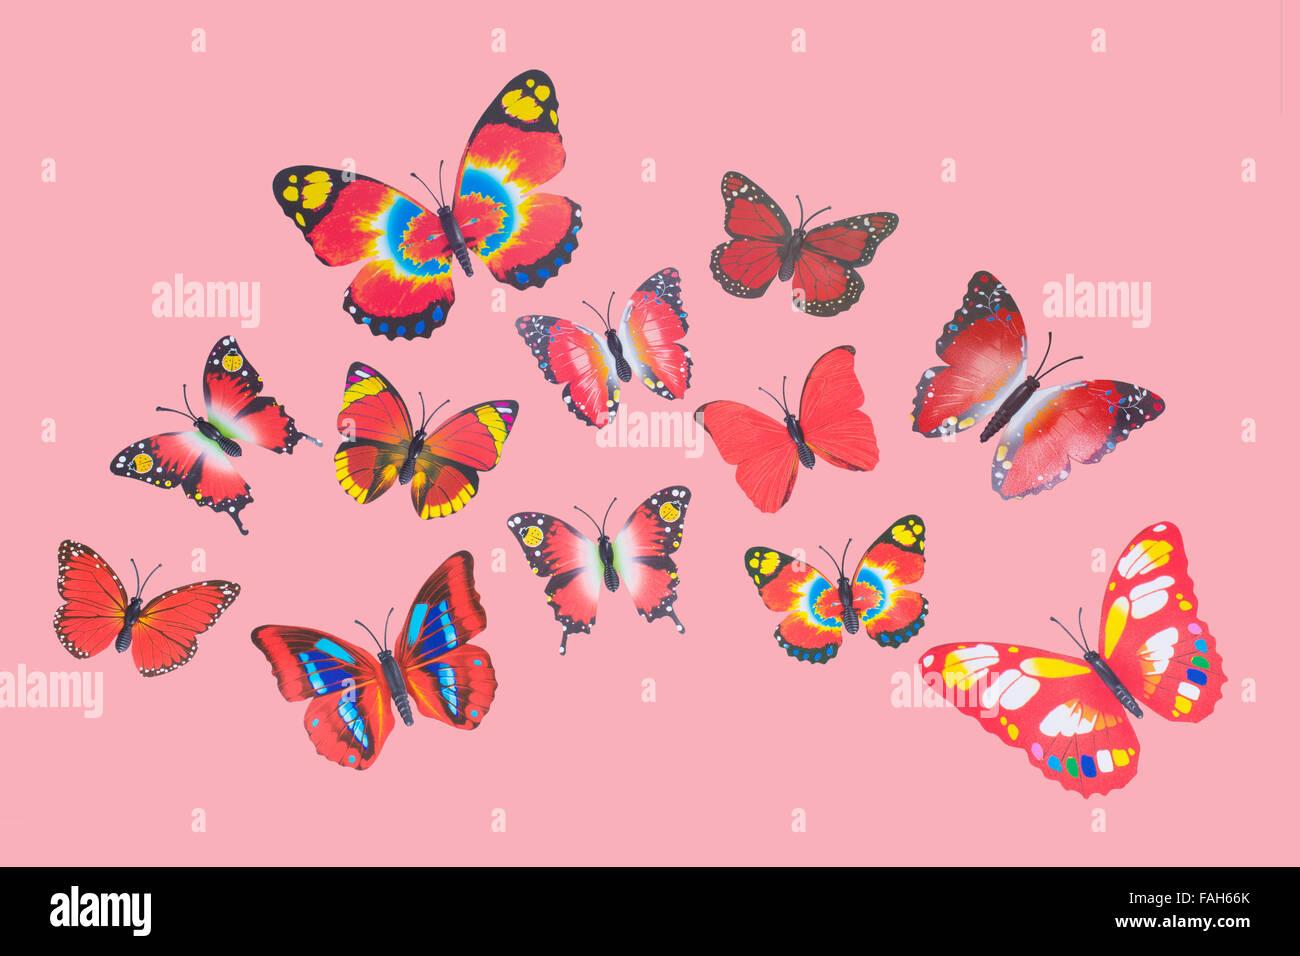 Collection de papillons fantaisie rouge Clip Art Photo Stock